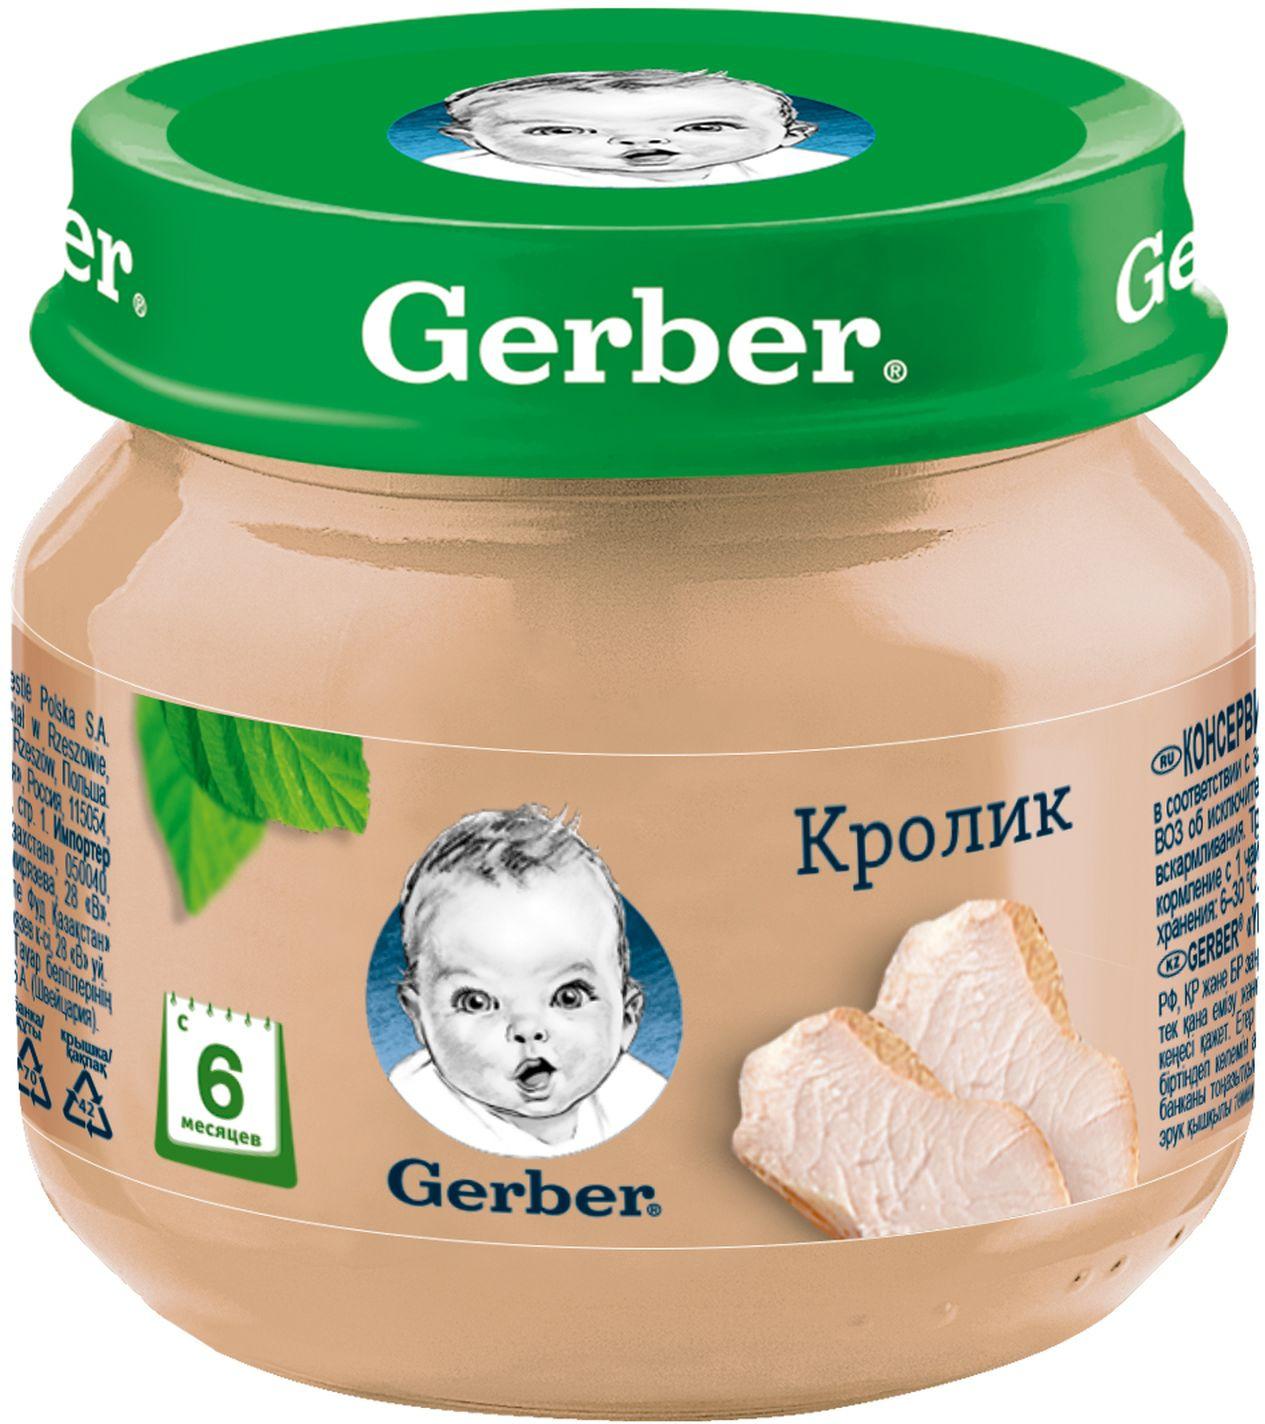 Пюре Консервы мясные кролик для питания детей с 6 месяцев Gerber , 80 г